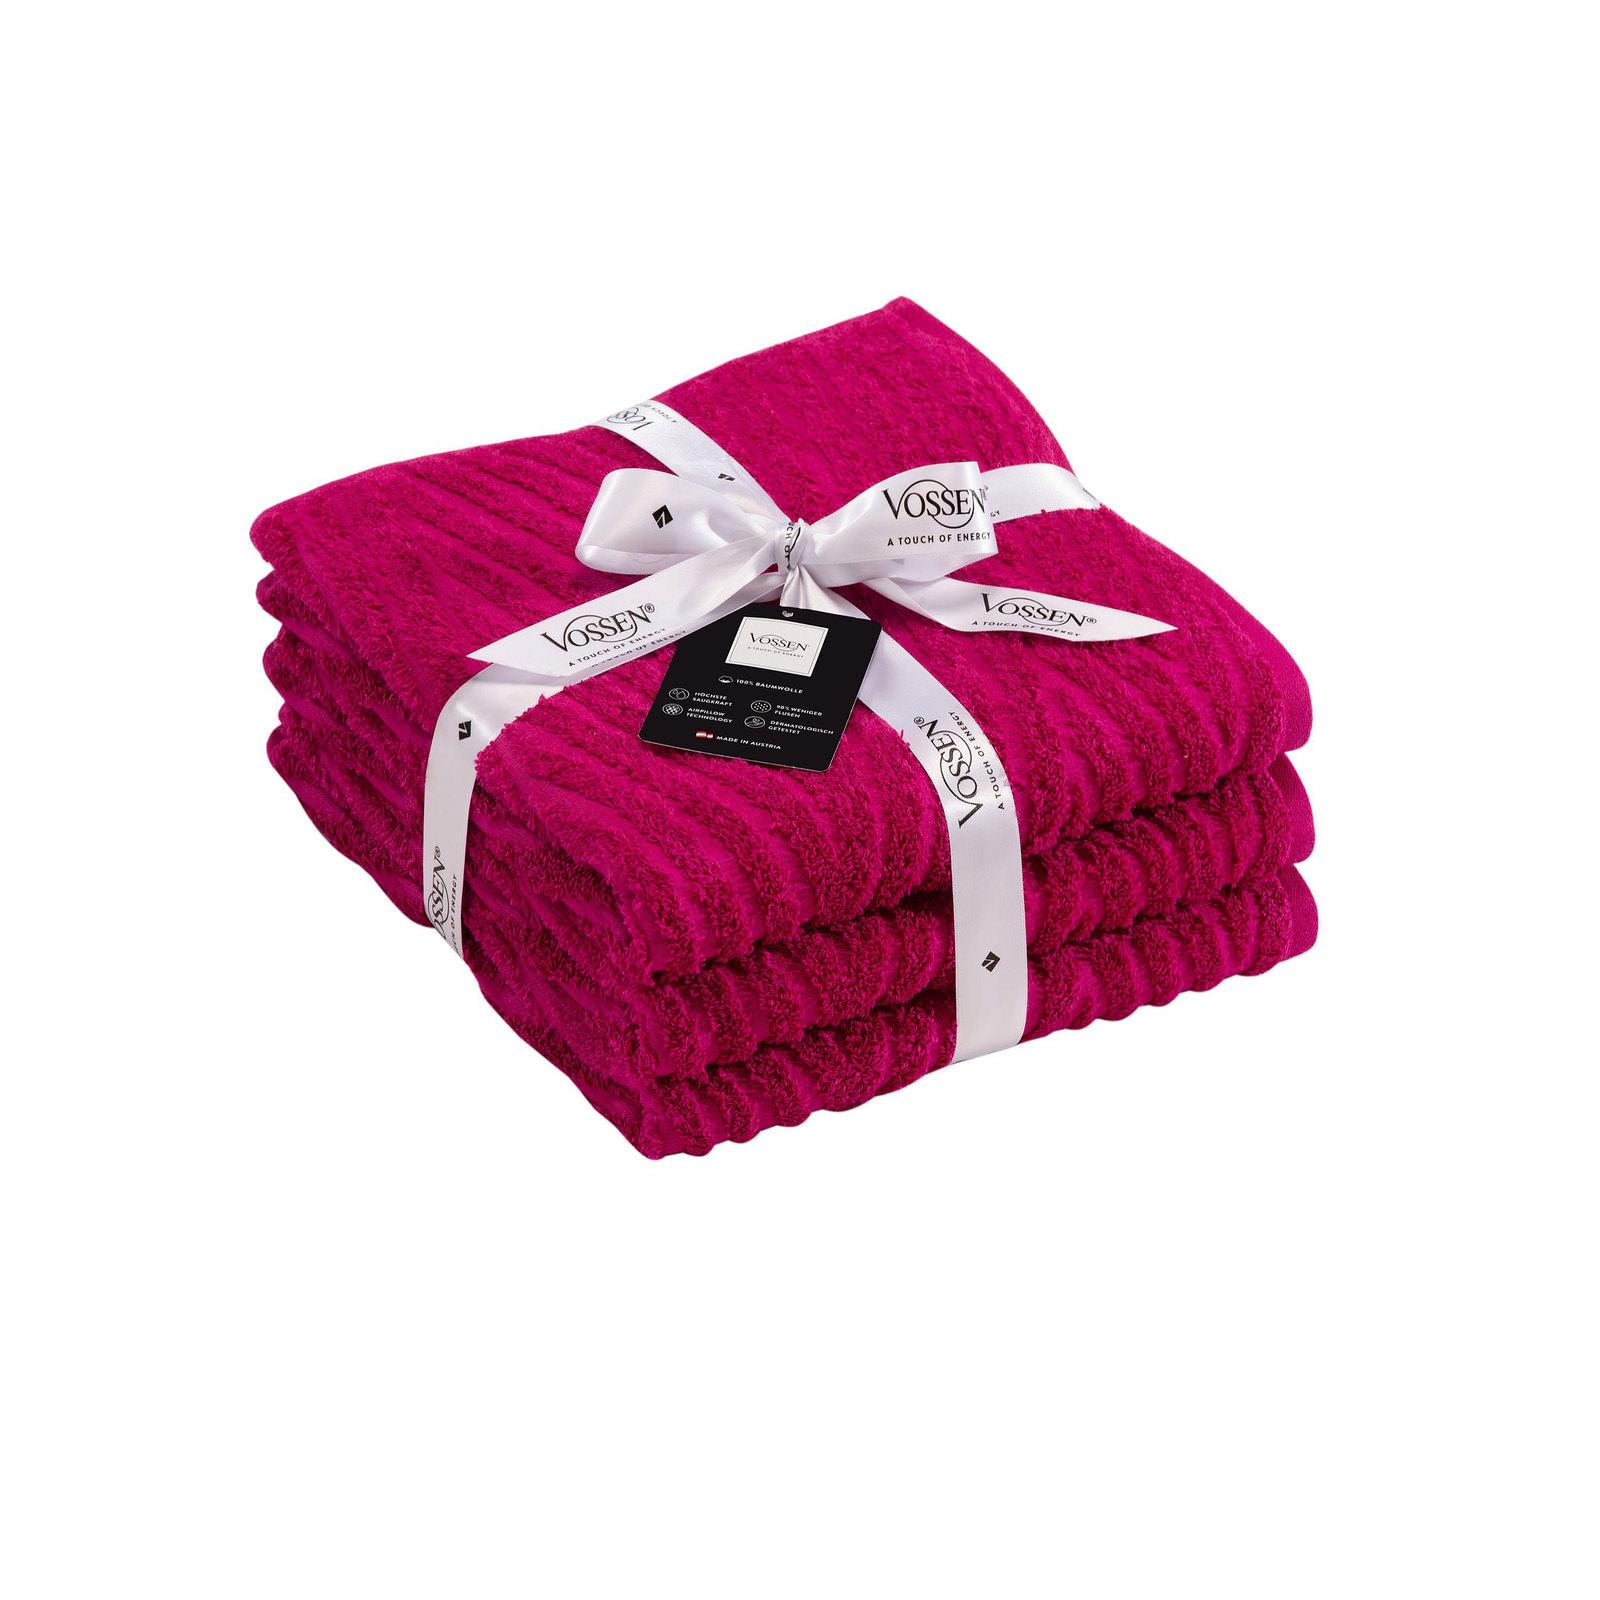 vossen handtuch set cranberry pink online entdecken. Black Bedroom Furniture Sets. Home Design Ideas